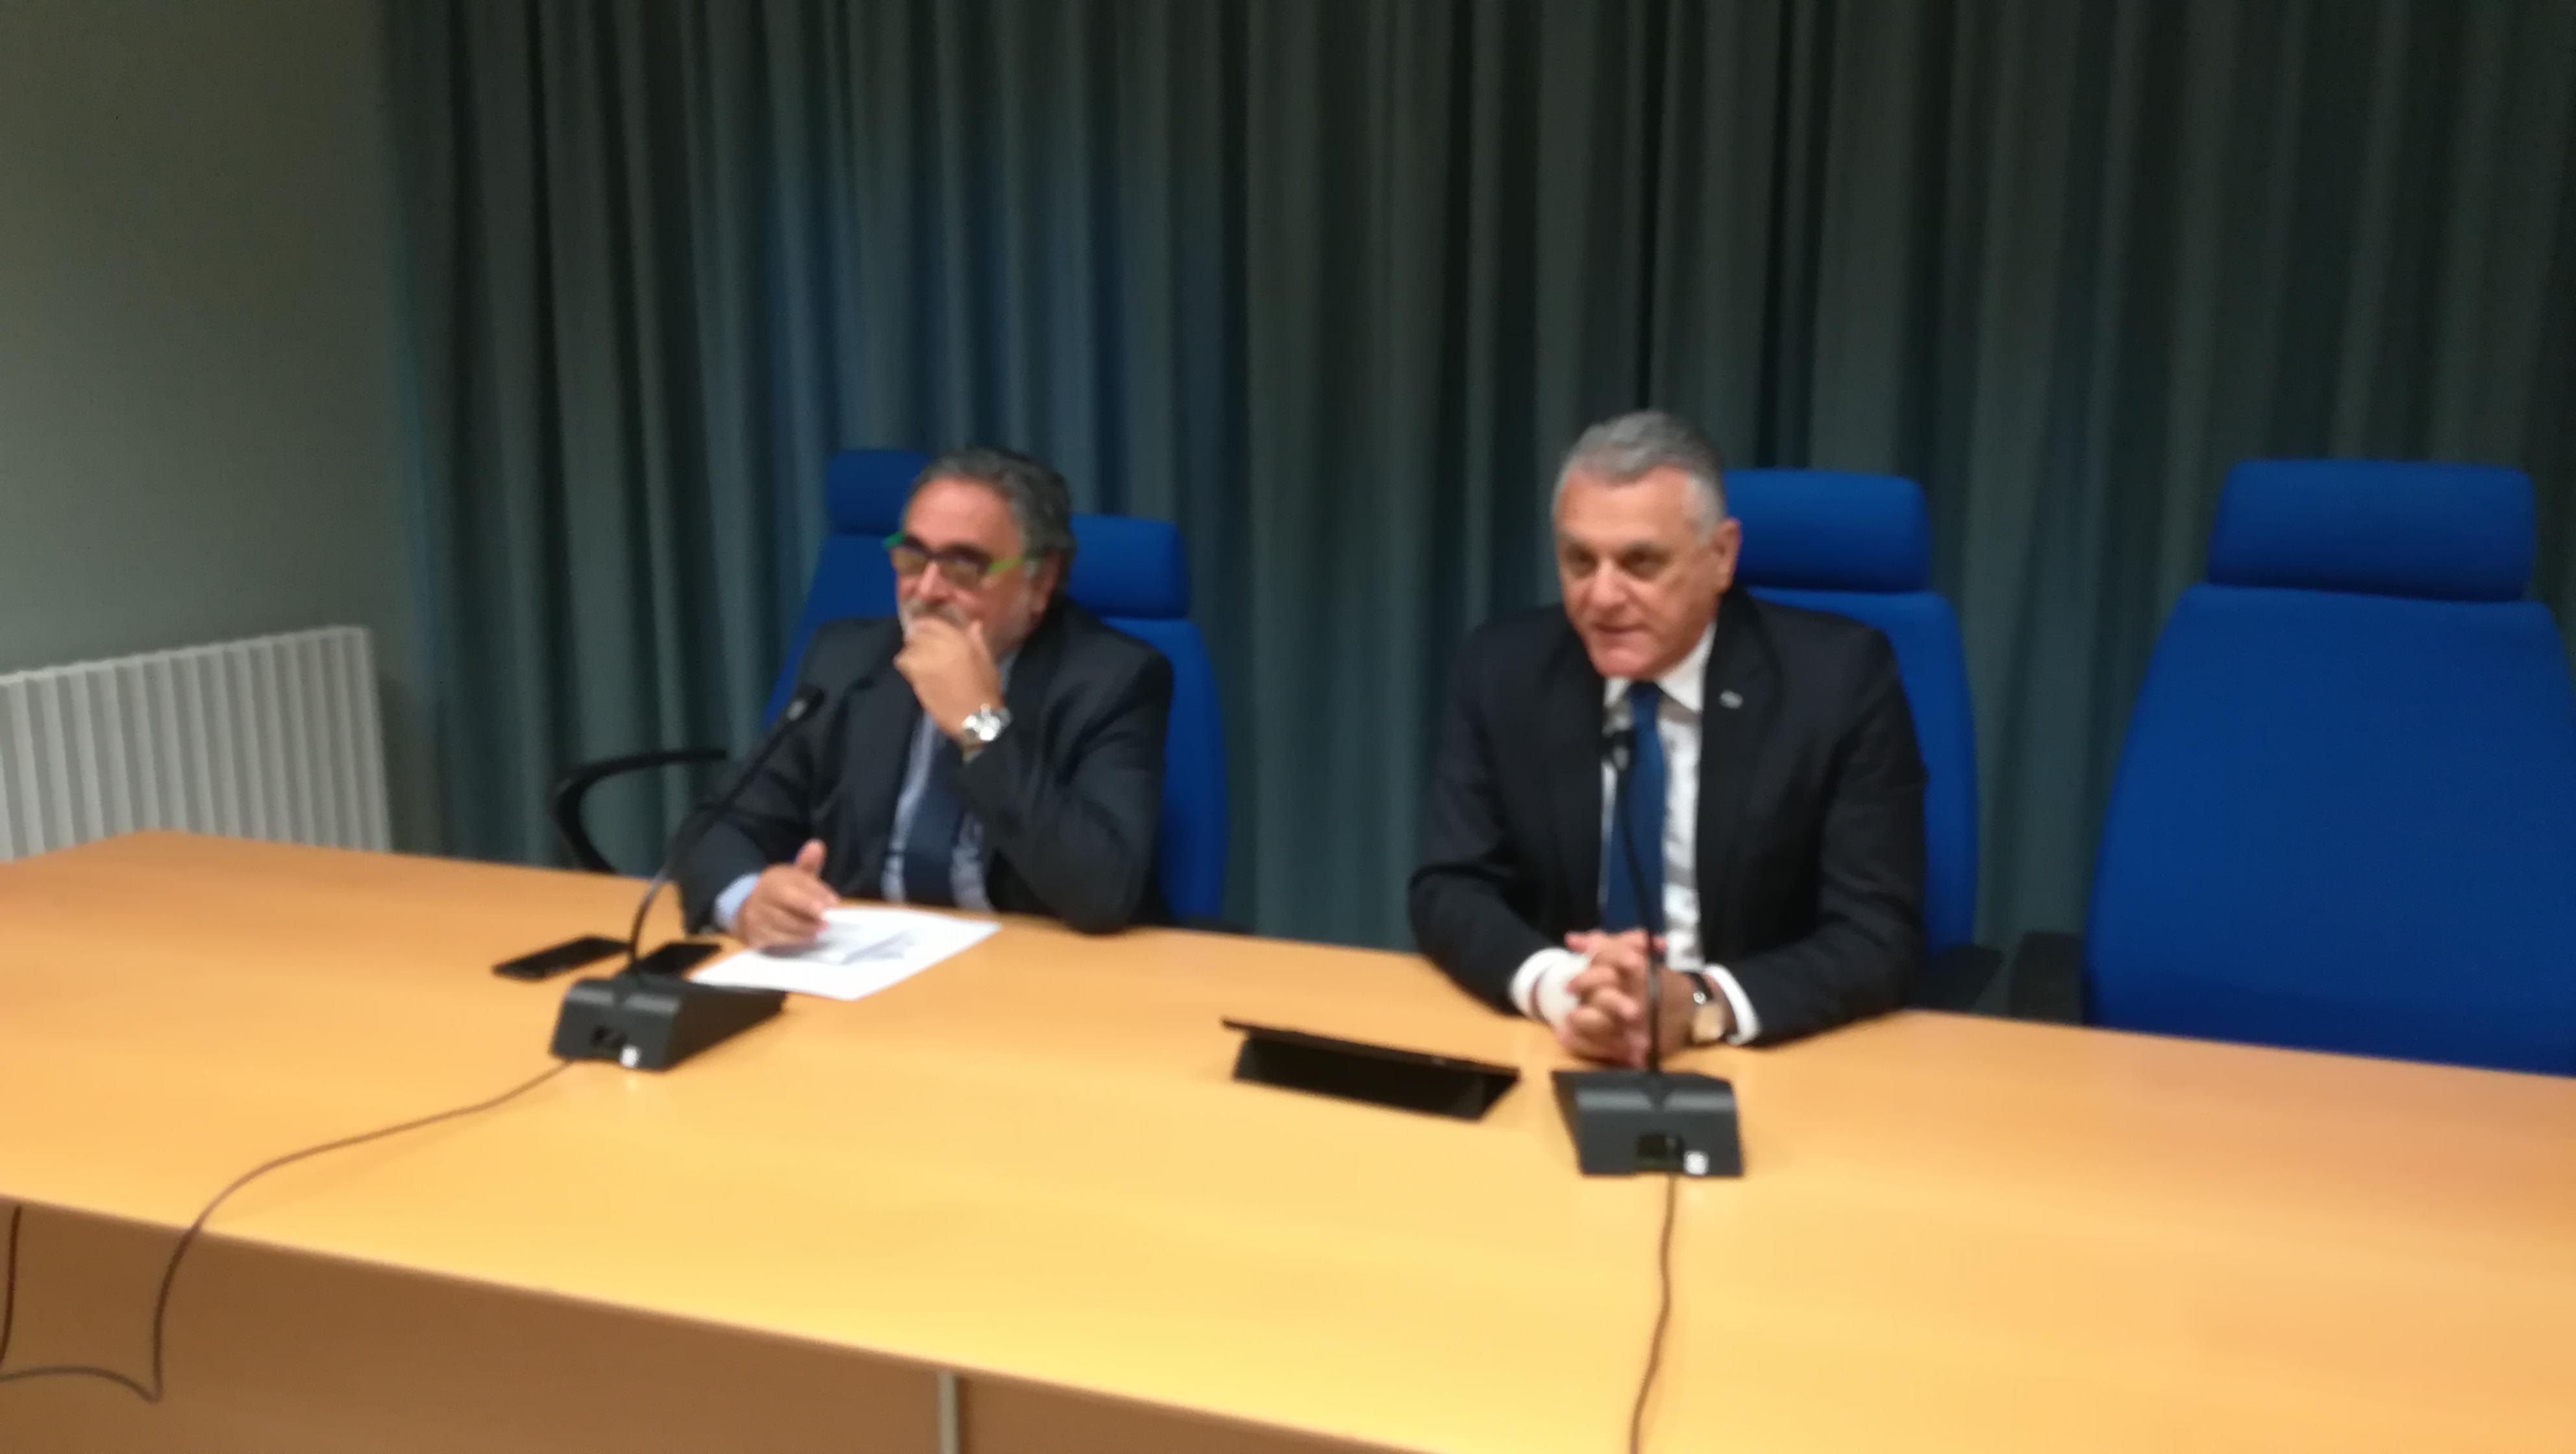 Cinema, bando da 200mila euro per audiovisivi oopere cinematografiche legate all'Abruzzo